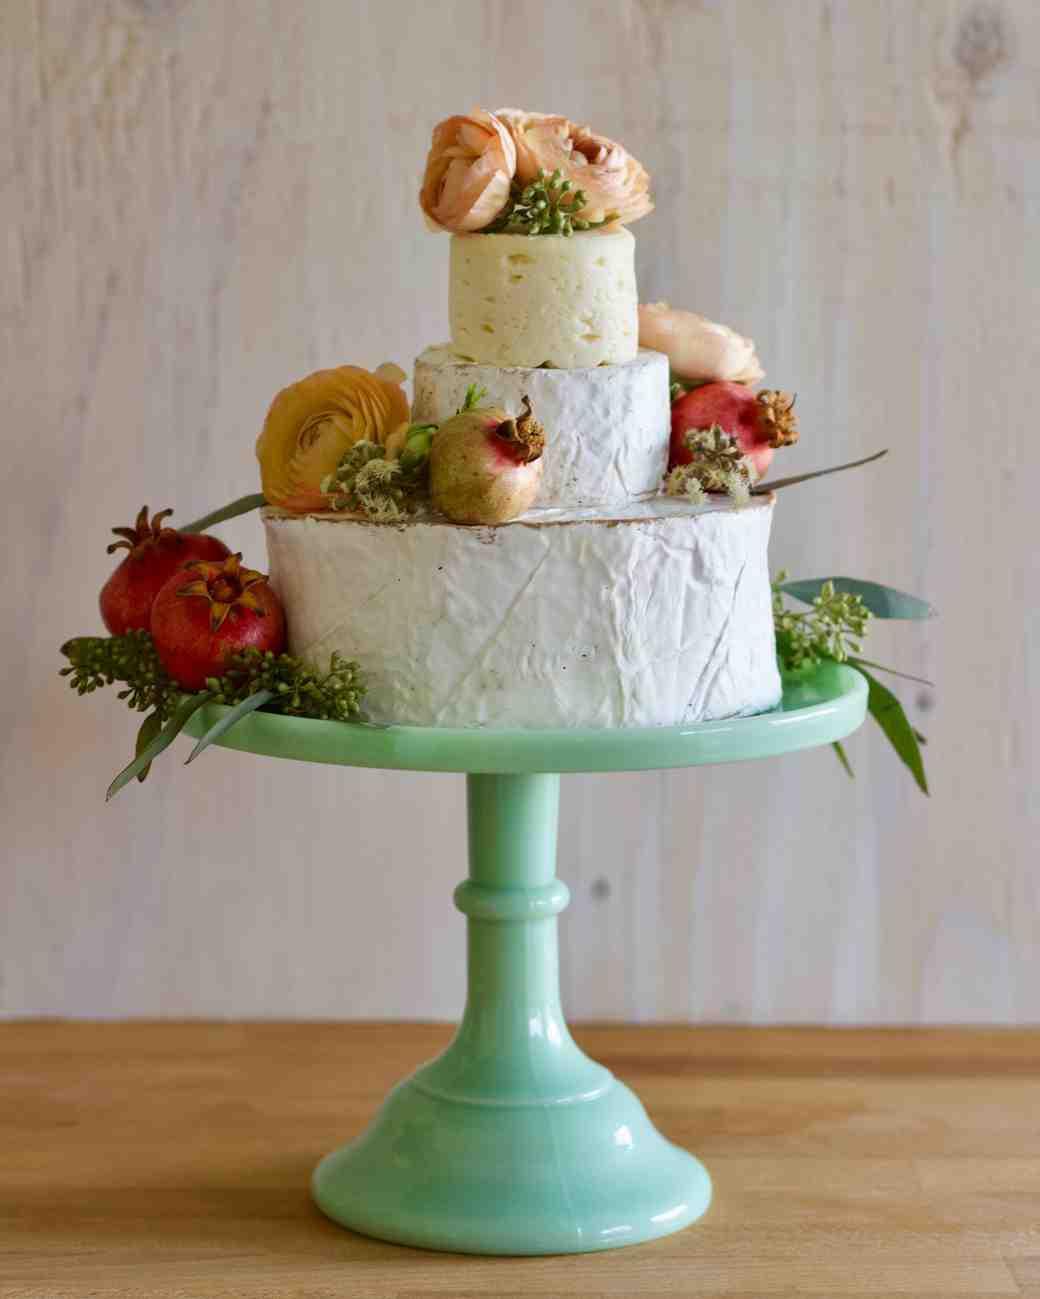 24 Delicious Wedding Cake Alternatives | Martha Stewart Weddings